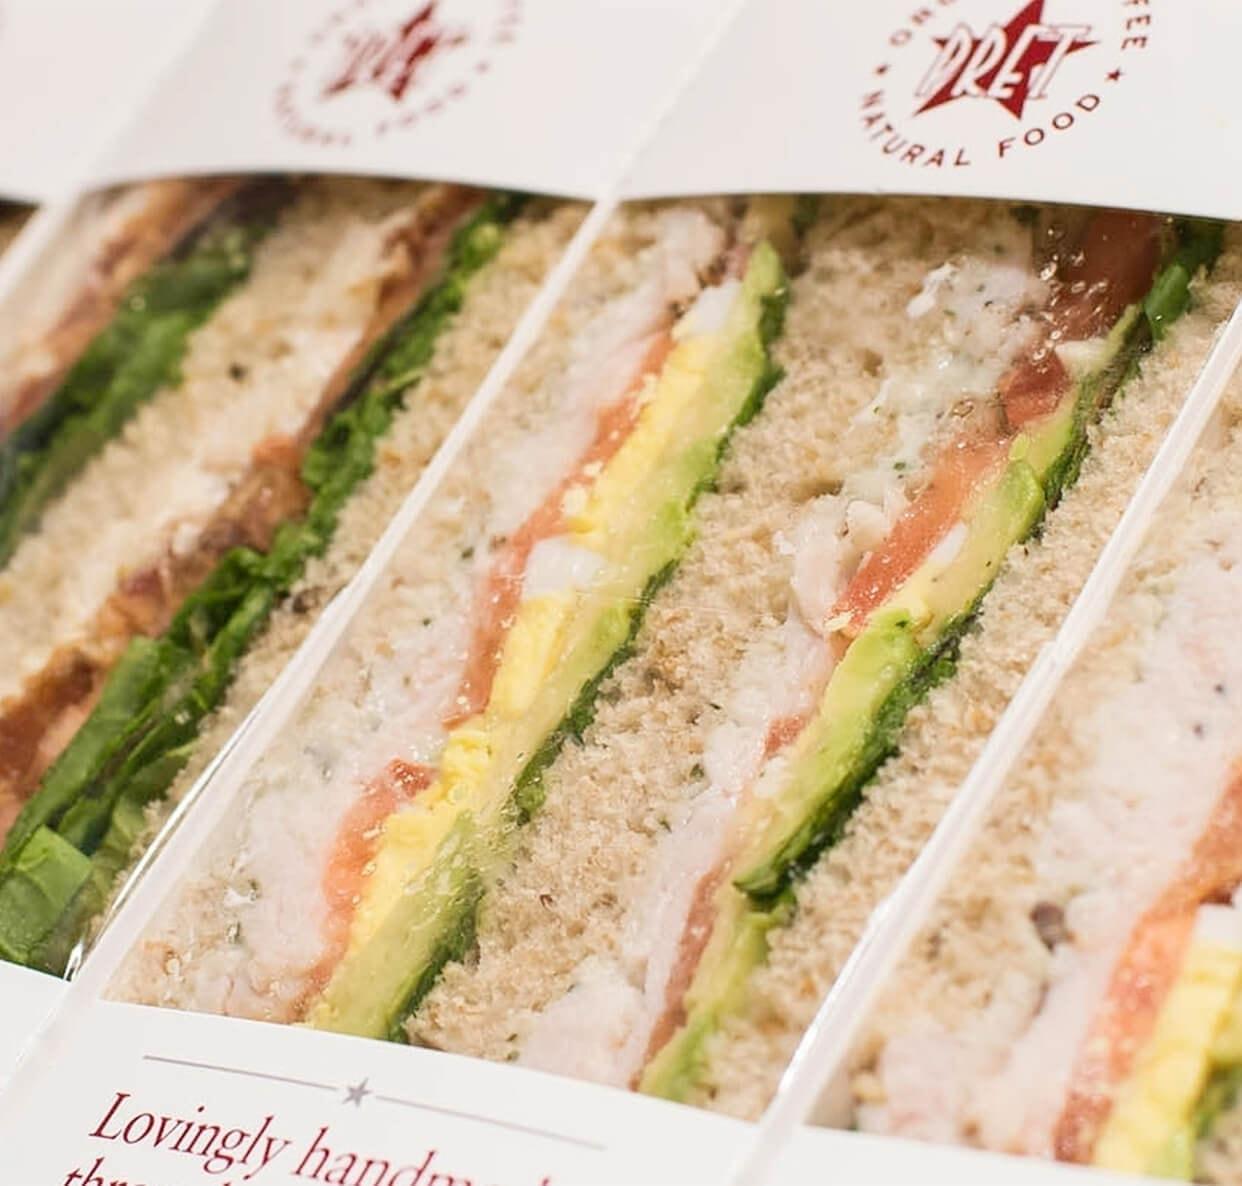 Pret tuna and cucumber sandwiches